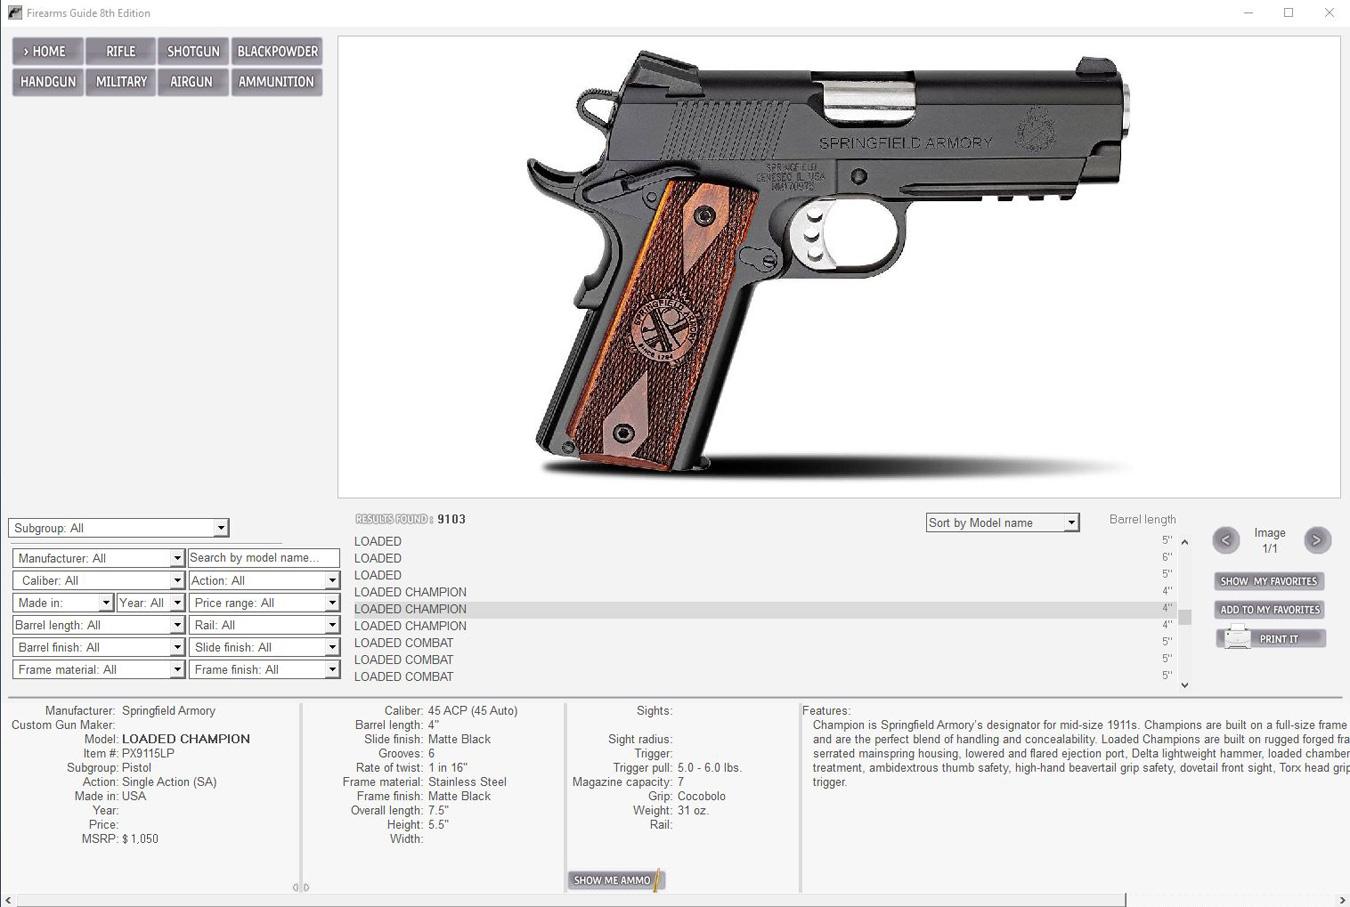 Firearms Guide handgun schematic